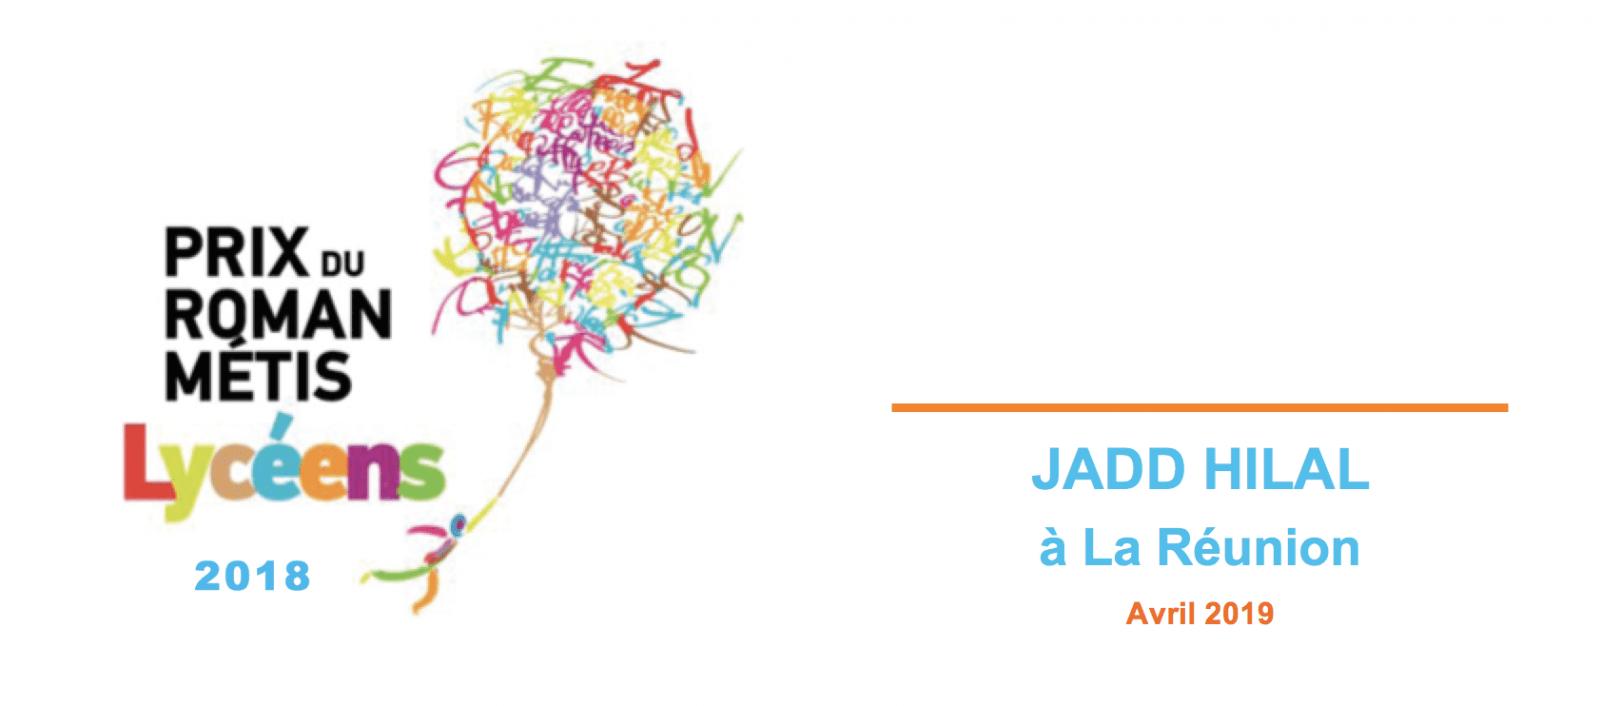 Rencontres avec Jadd HILAL, lauréat du Prix du Roman Métis des Lycéens 2018